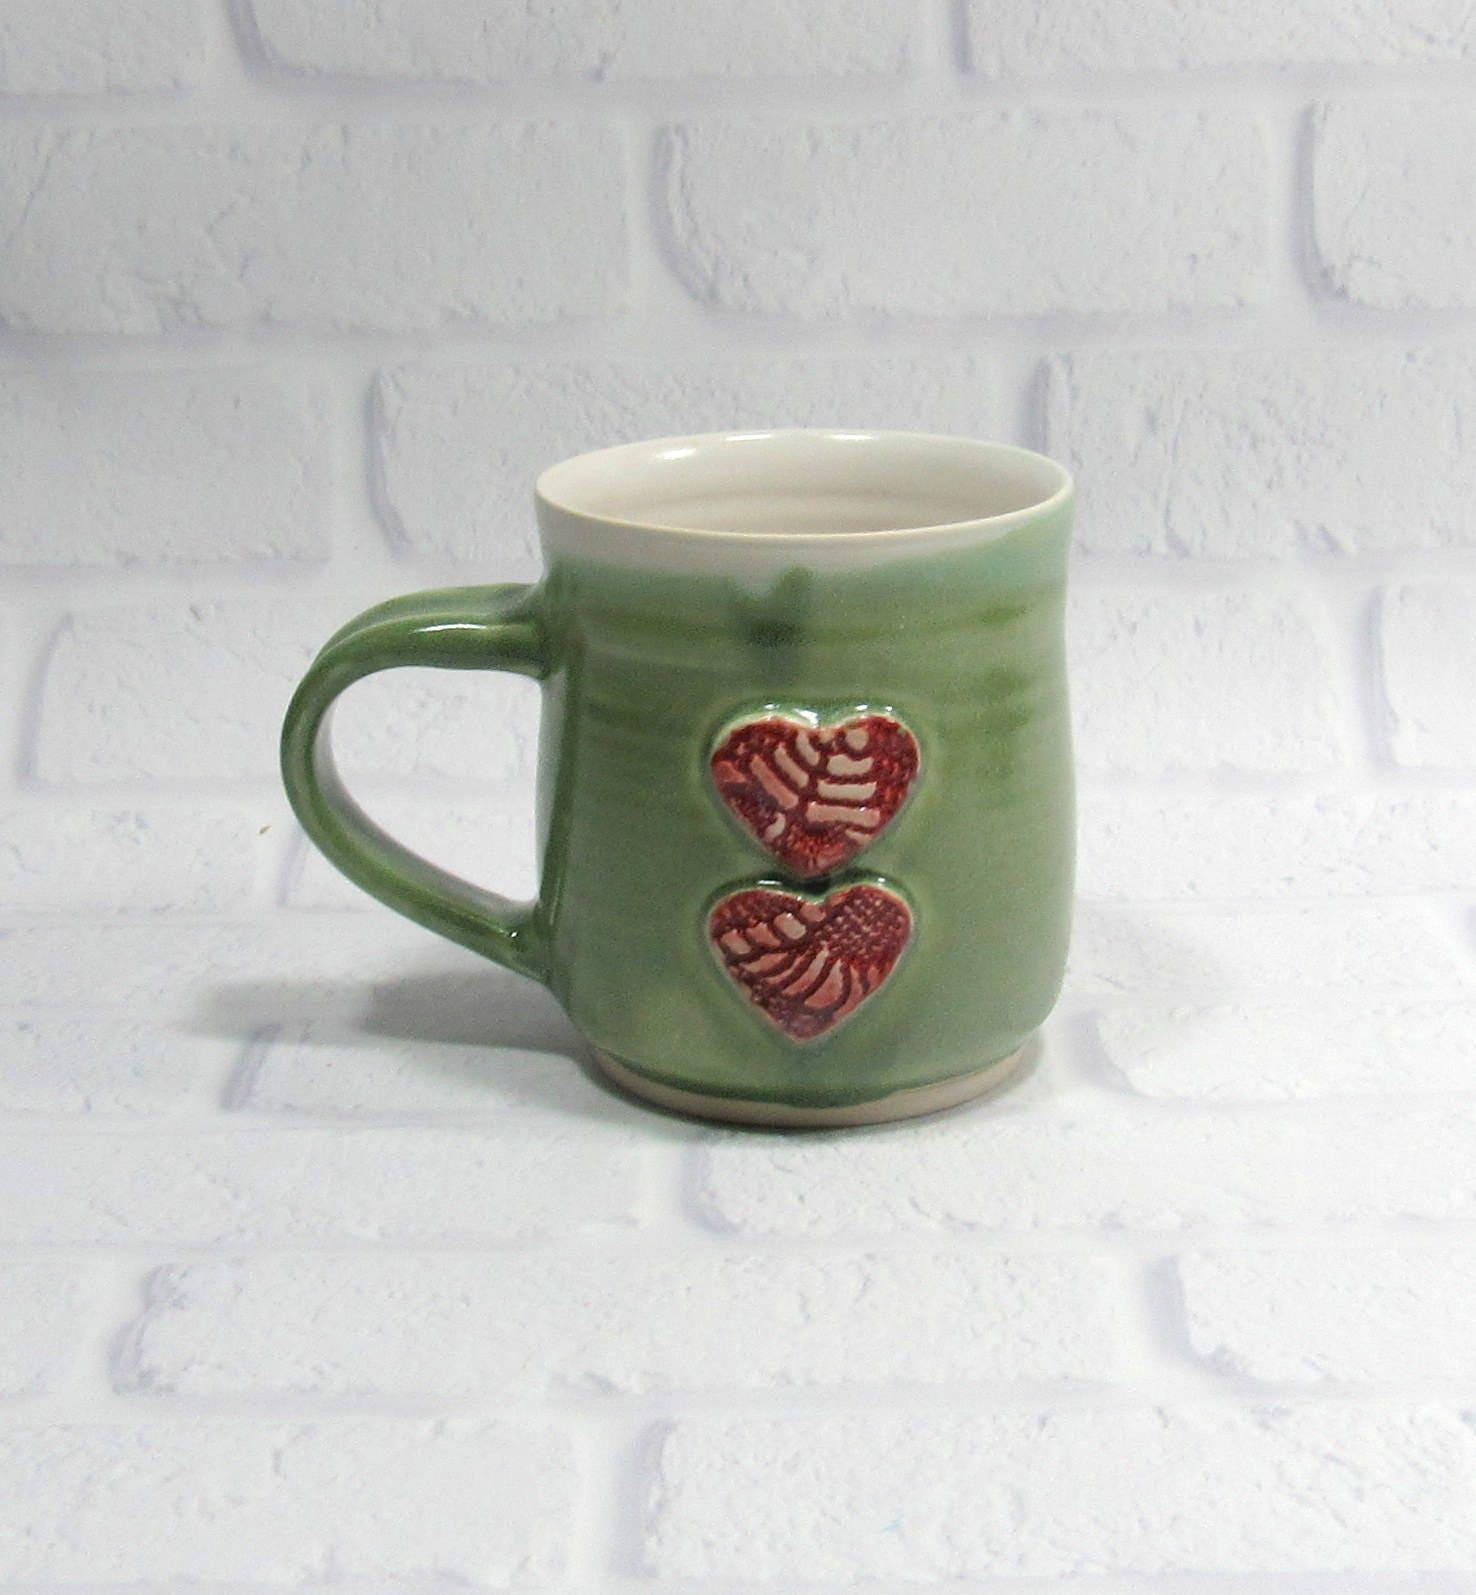 Ceramic Mug - Pottery Mug - Sweetheart Mug - Hearts Mug - Ceramic ...